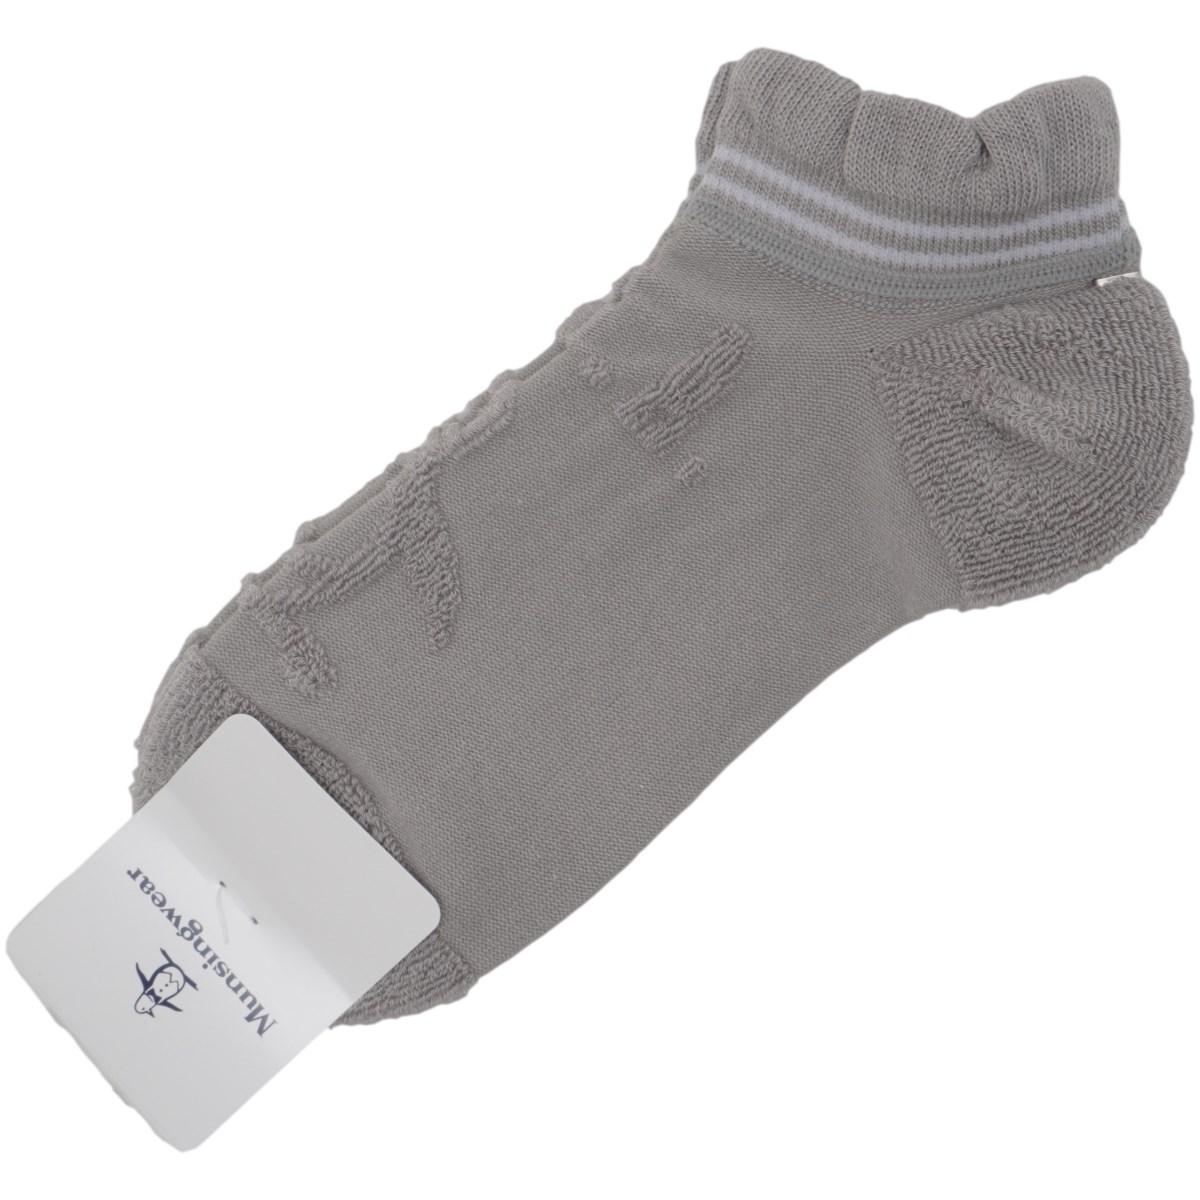 マンシングウェア Munsingwear パイルソックス フリー グレー 00 レディス